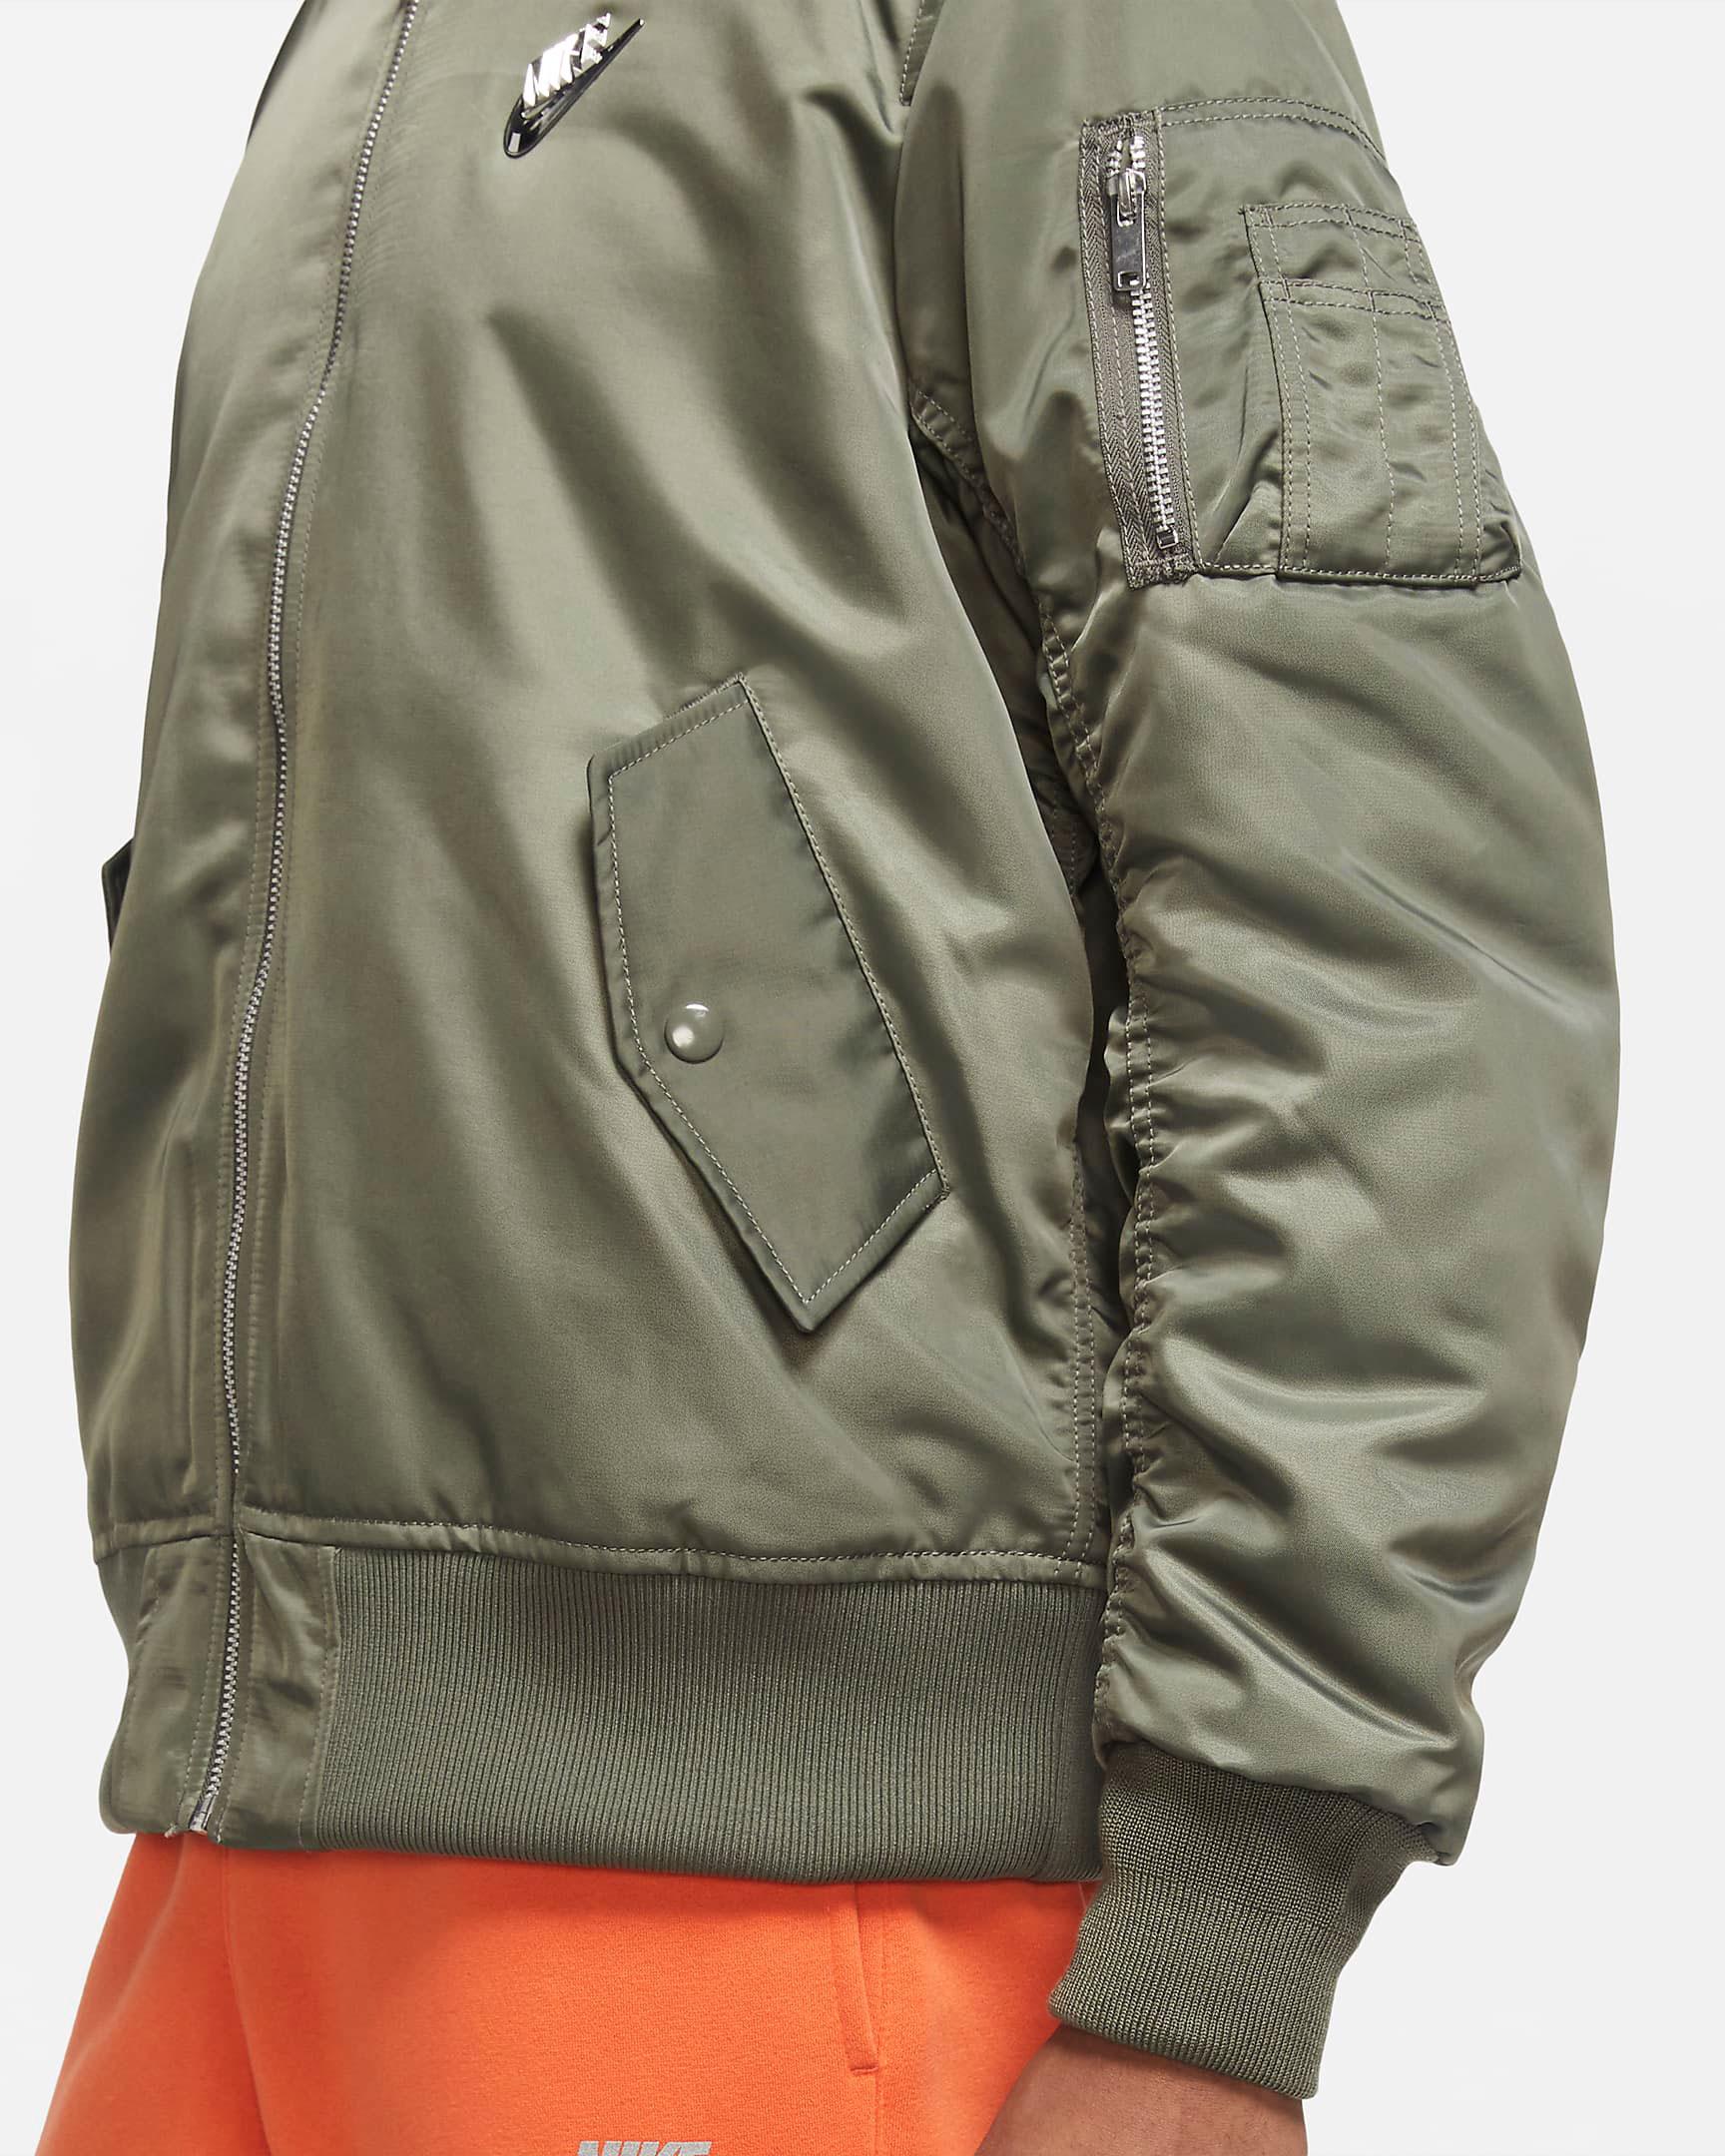 nike-sportswear-punk-bomber-jacket-3